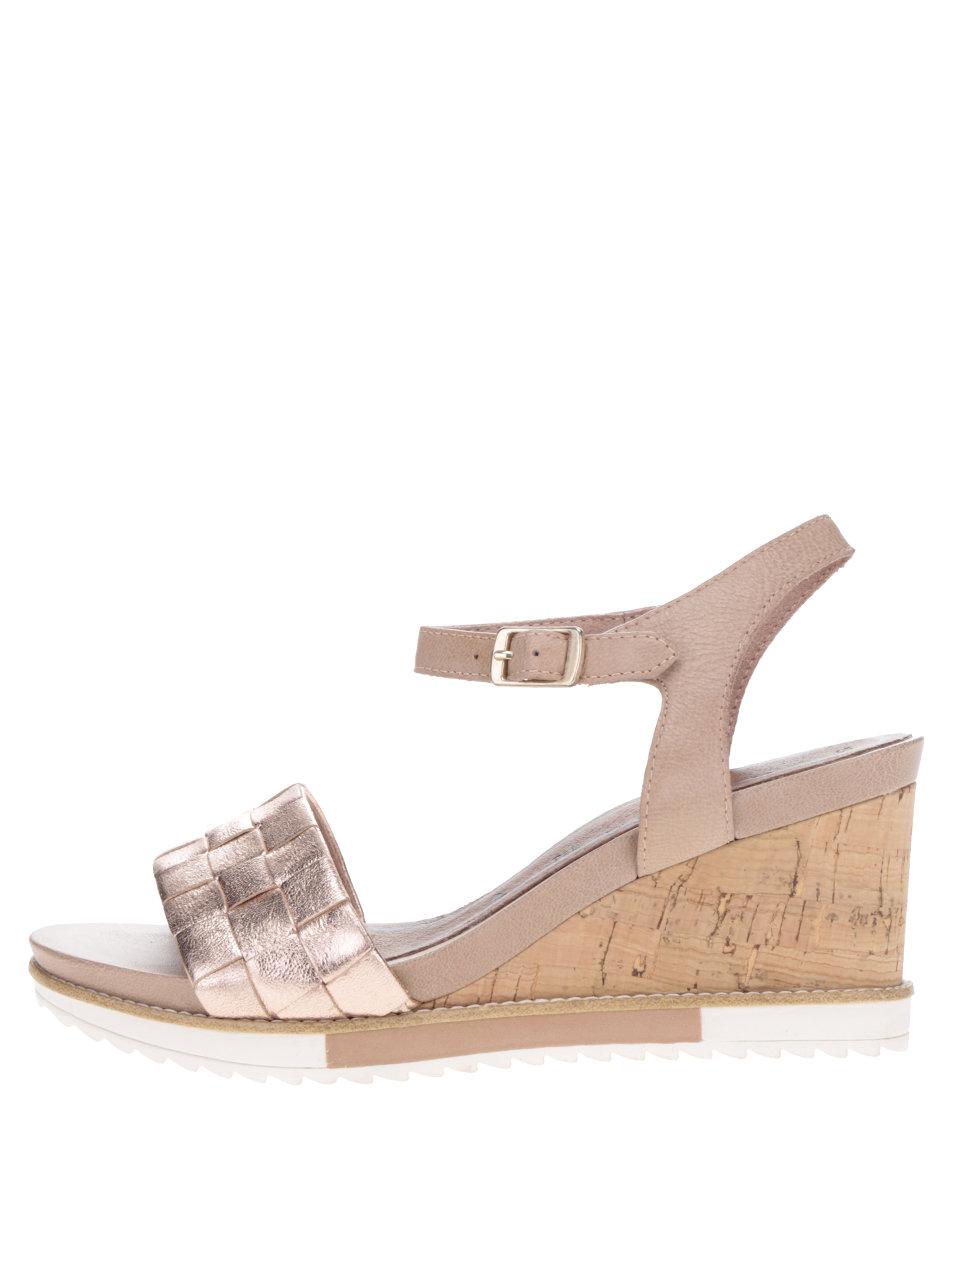 fc2dffad4ffed Kožené sandále v ružovozlatej farbe na korkovej platforme Tamaris ...